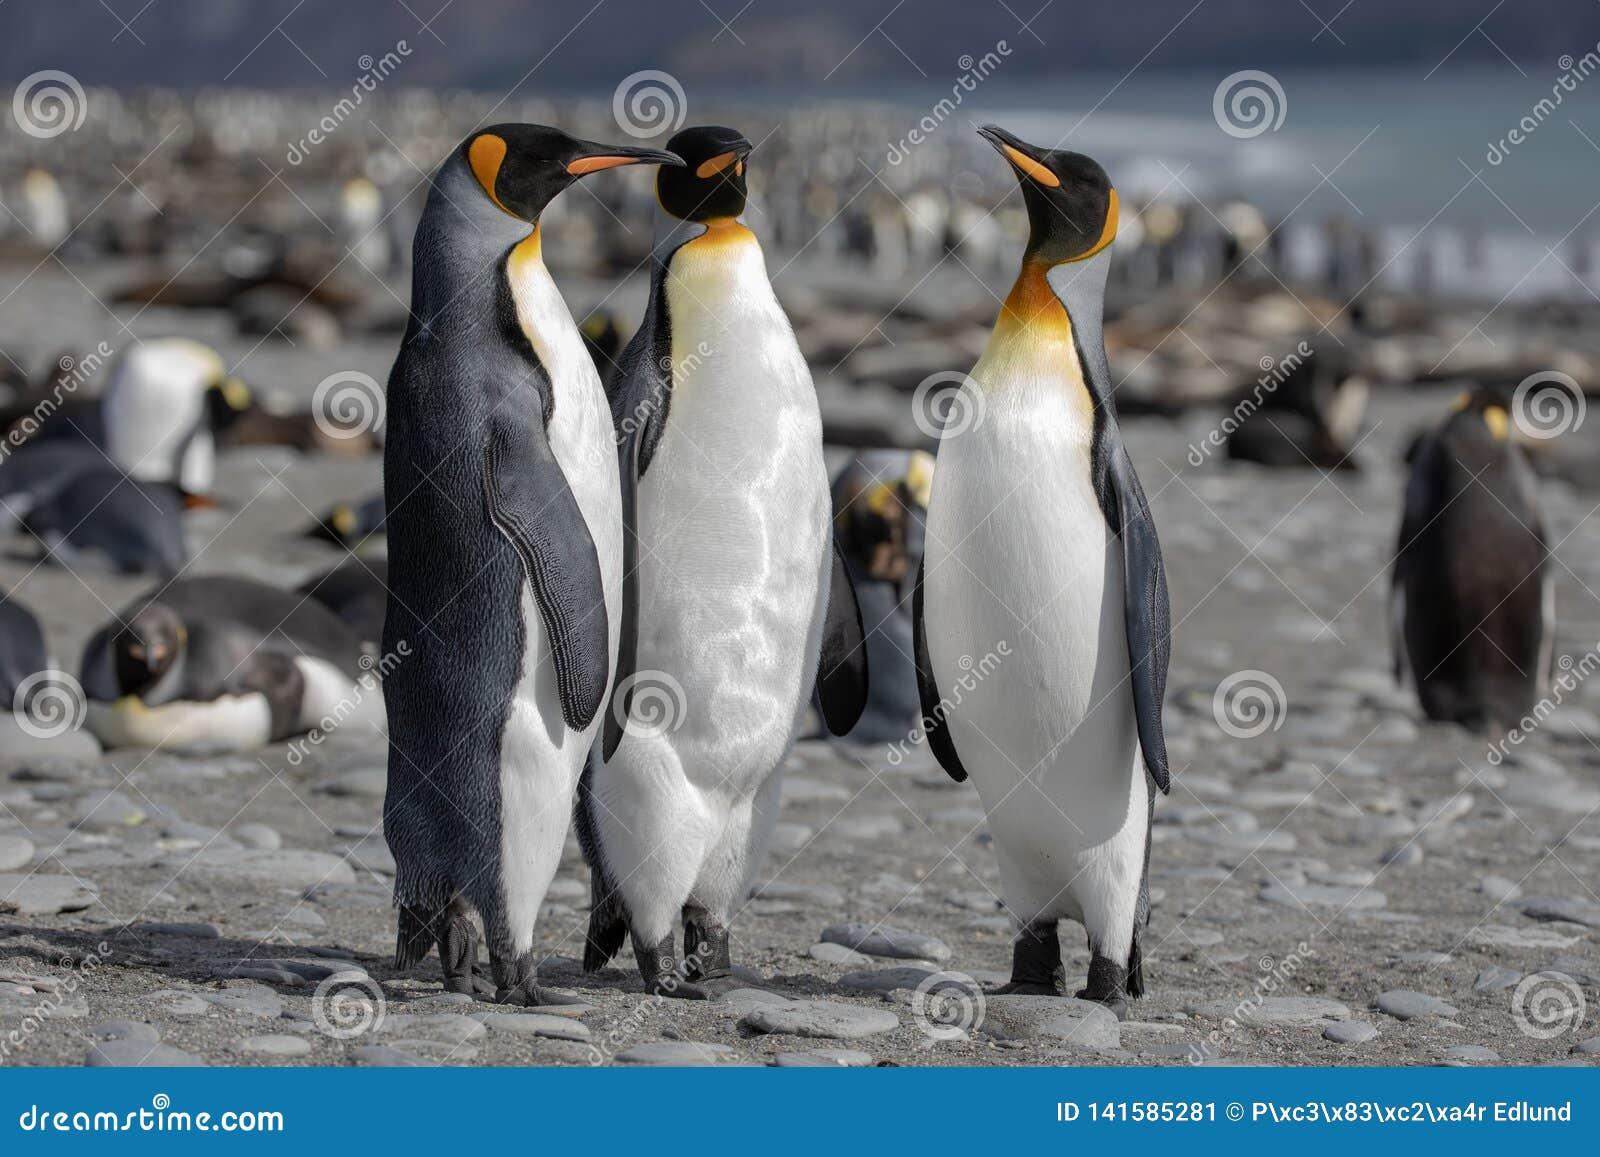 企鹅国王 交往在海滩的三企鹅国王